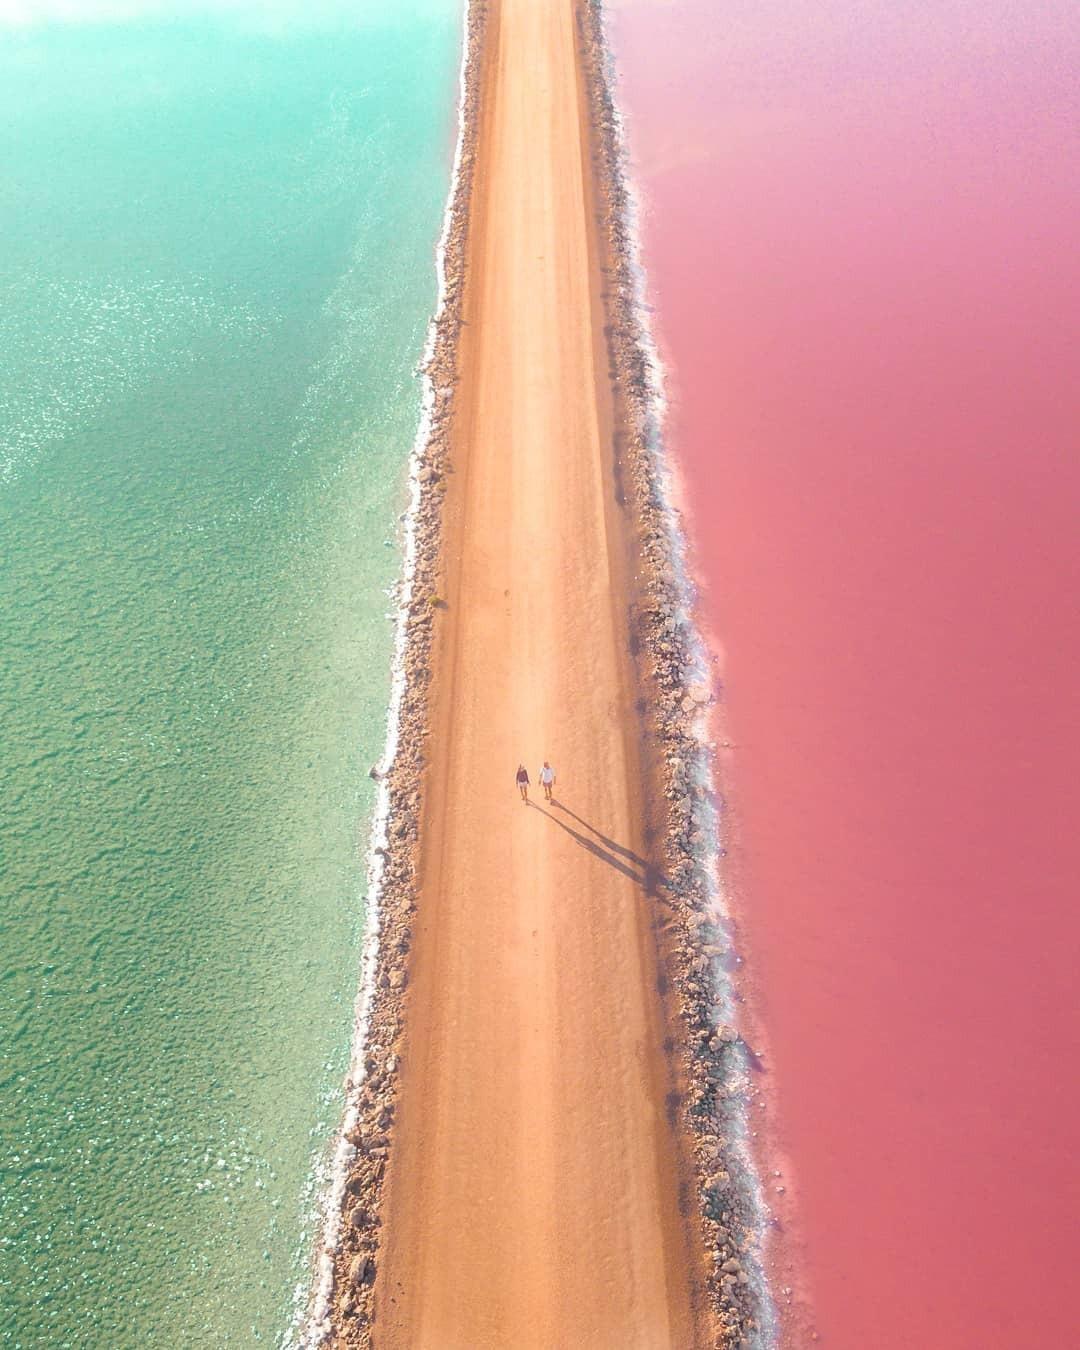 澳大利亚   充满梦幻少女心的麦克唐纳尔湖。